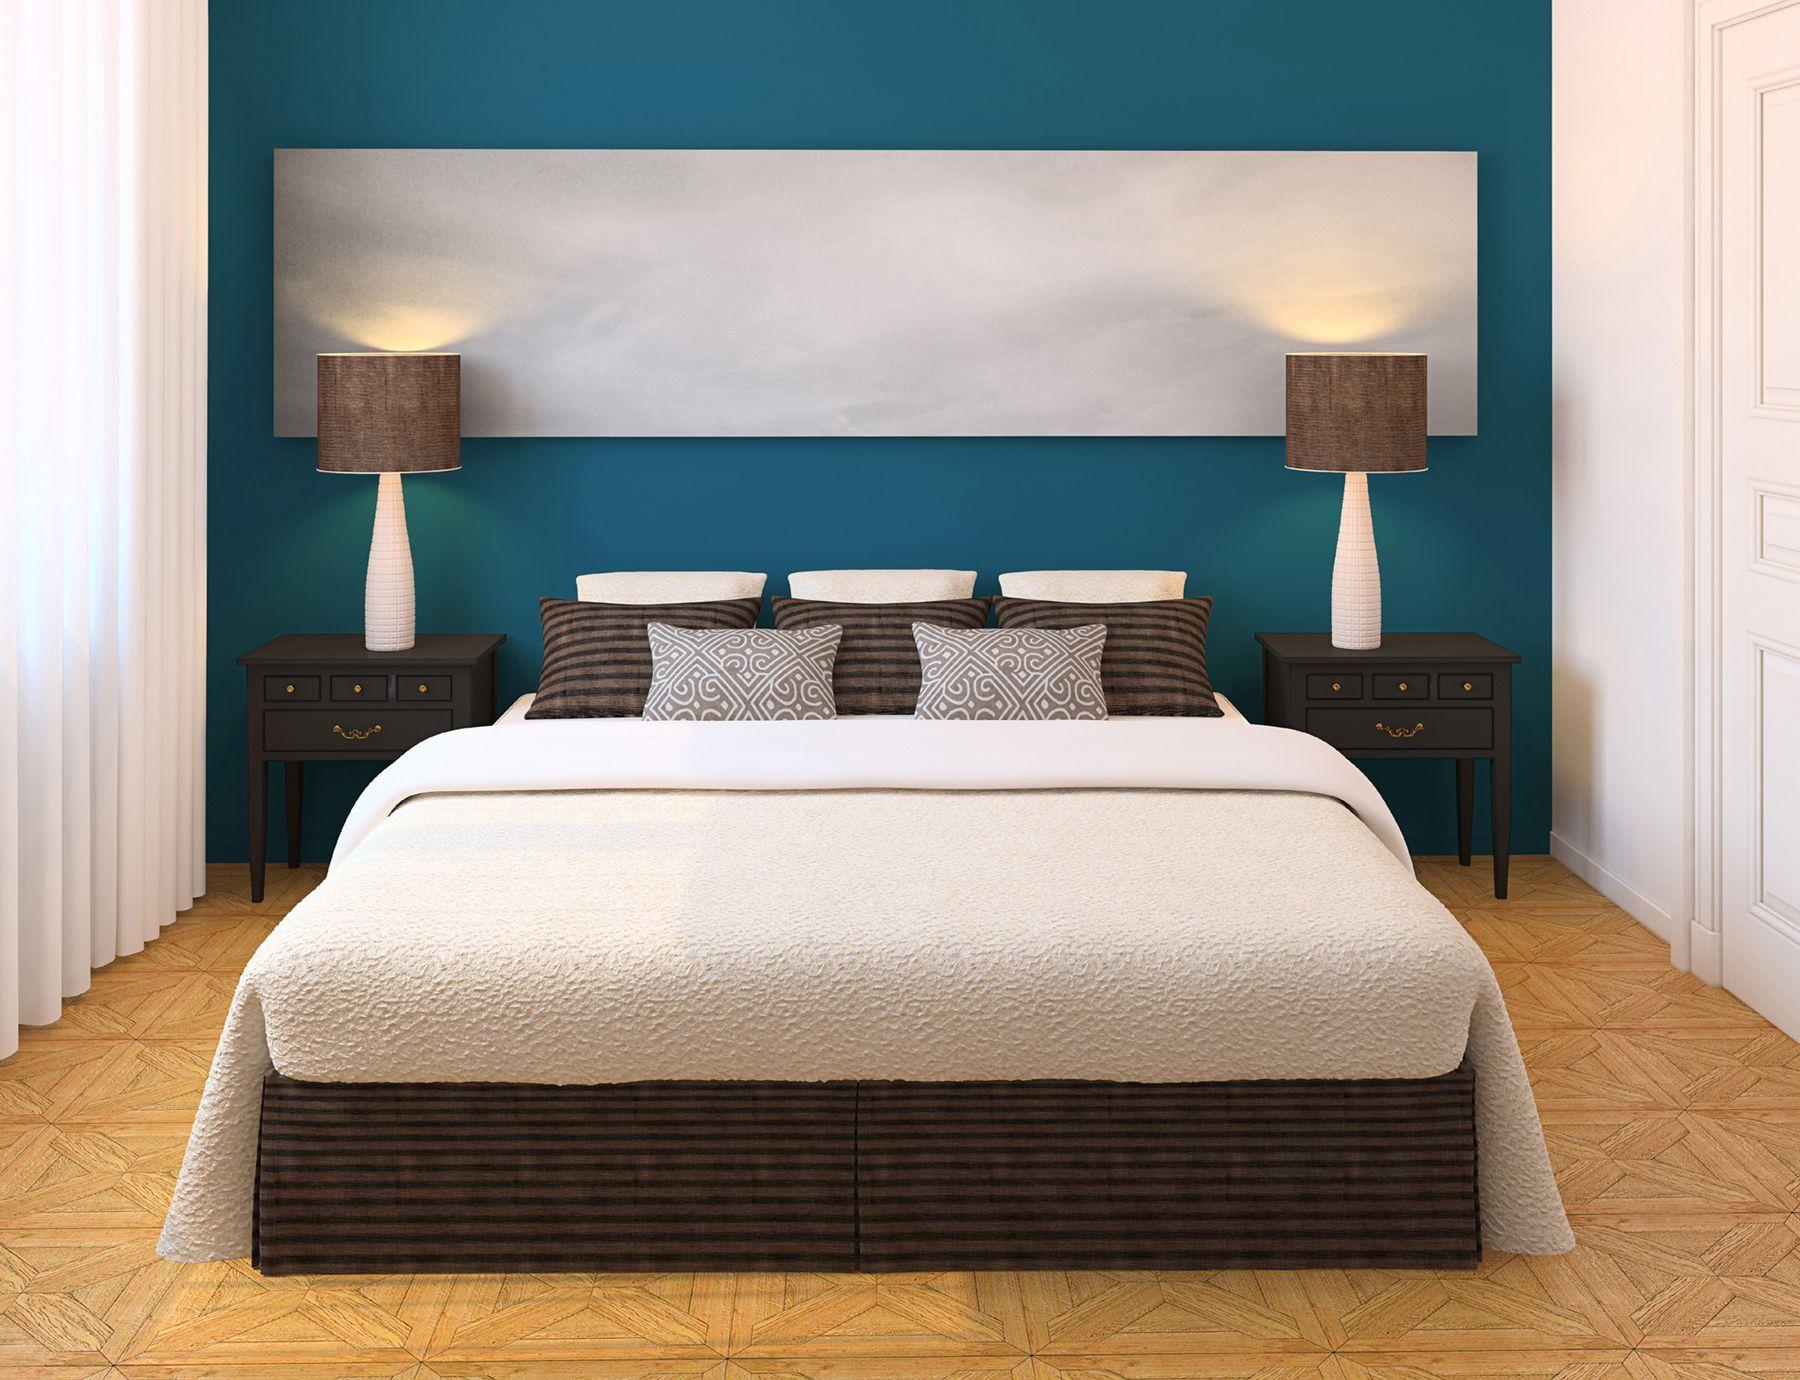 Geräumig Farbe Fürs Schlafzimmer Beste Wahl Beste Benjamin Moore Farben Für -